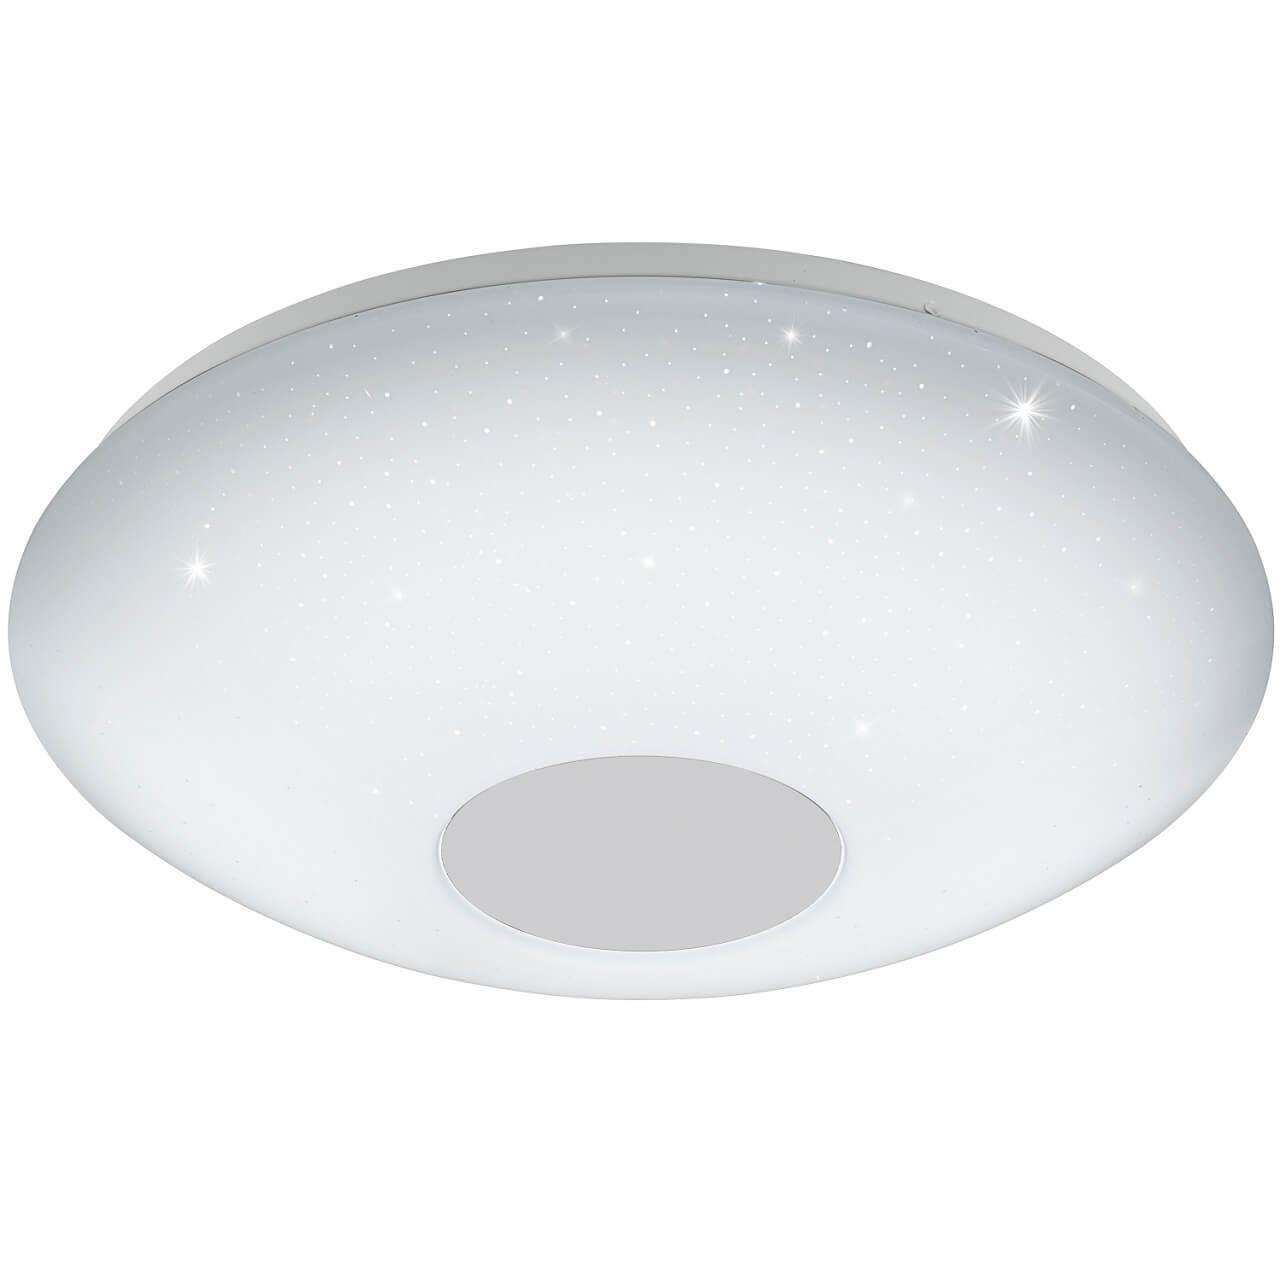 Светильник Eglo 95972 Voltago